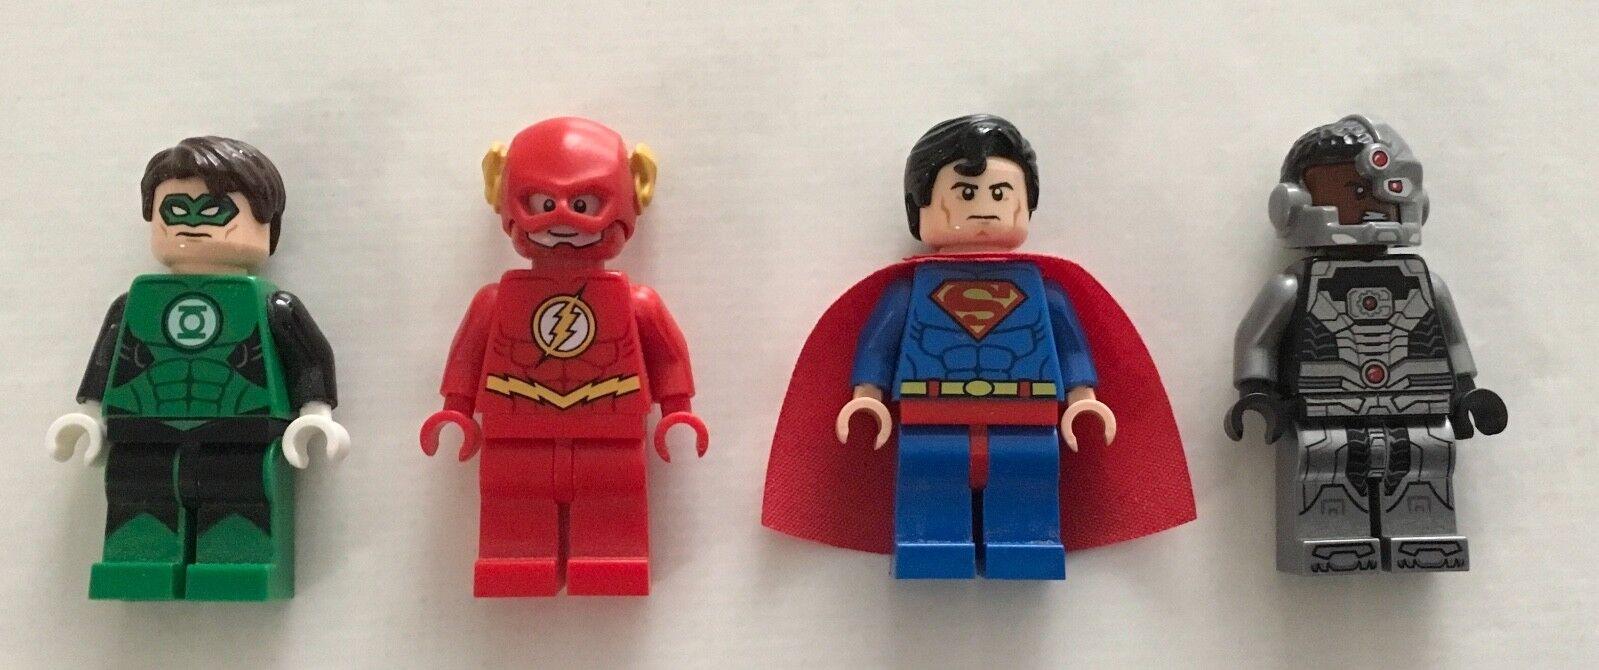 consegna e reso gratuiti Genuine LEGO Superuomo verde Lantern Flash Cyborg from set set set 6862 76026 76025 76028  alla moda